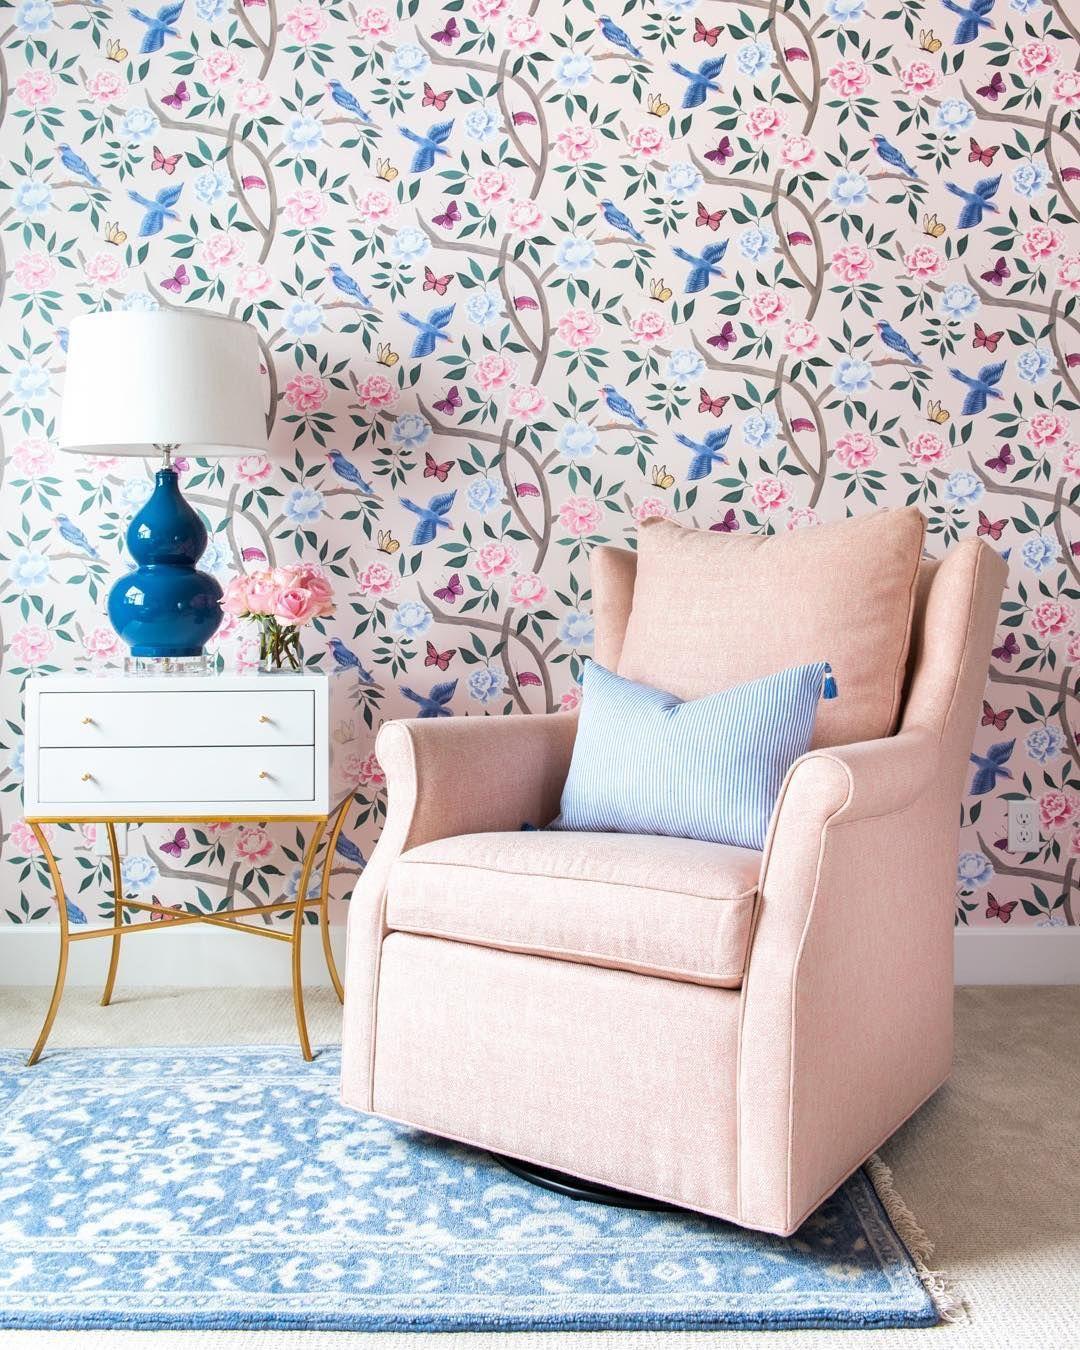 Caitlin Wilson Rug Look for Less Home decor, Chinoiserie